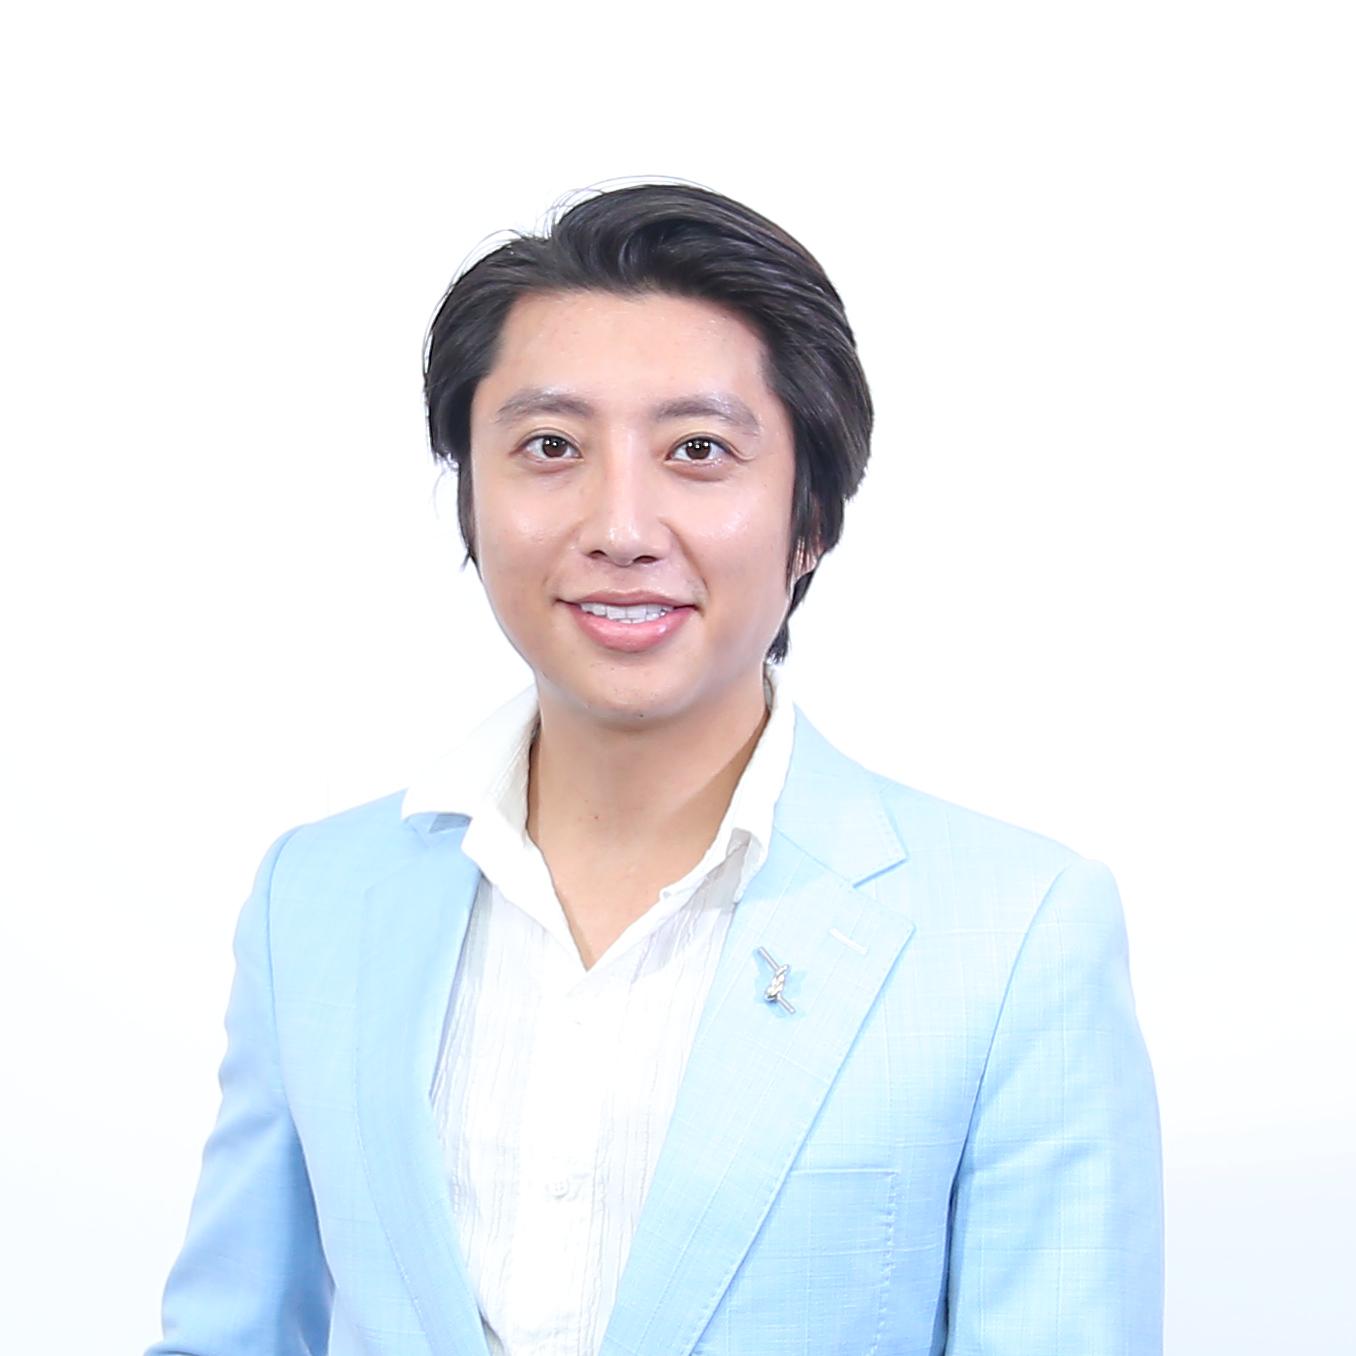 Bác Sĩ Trần Vũ Quang